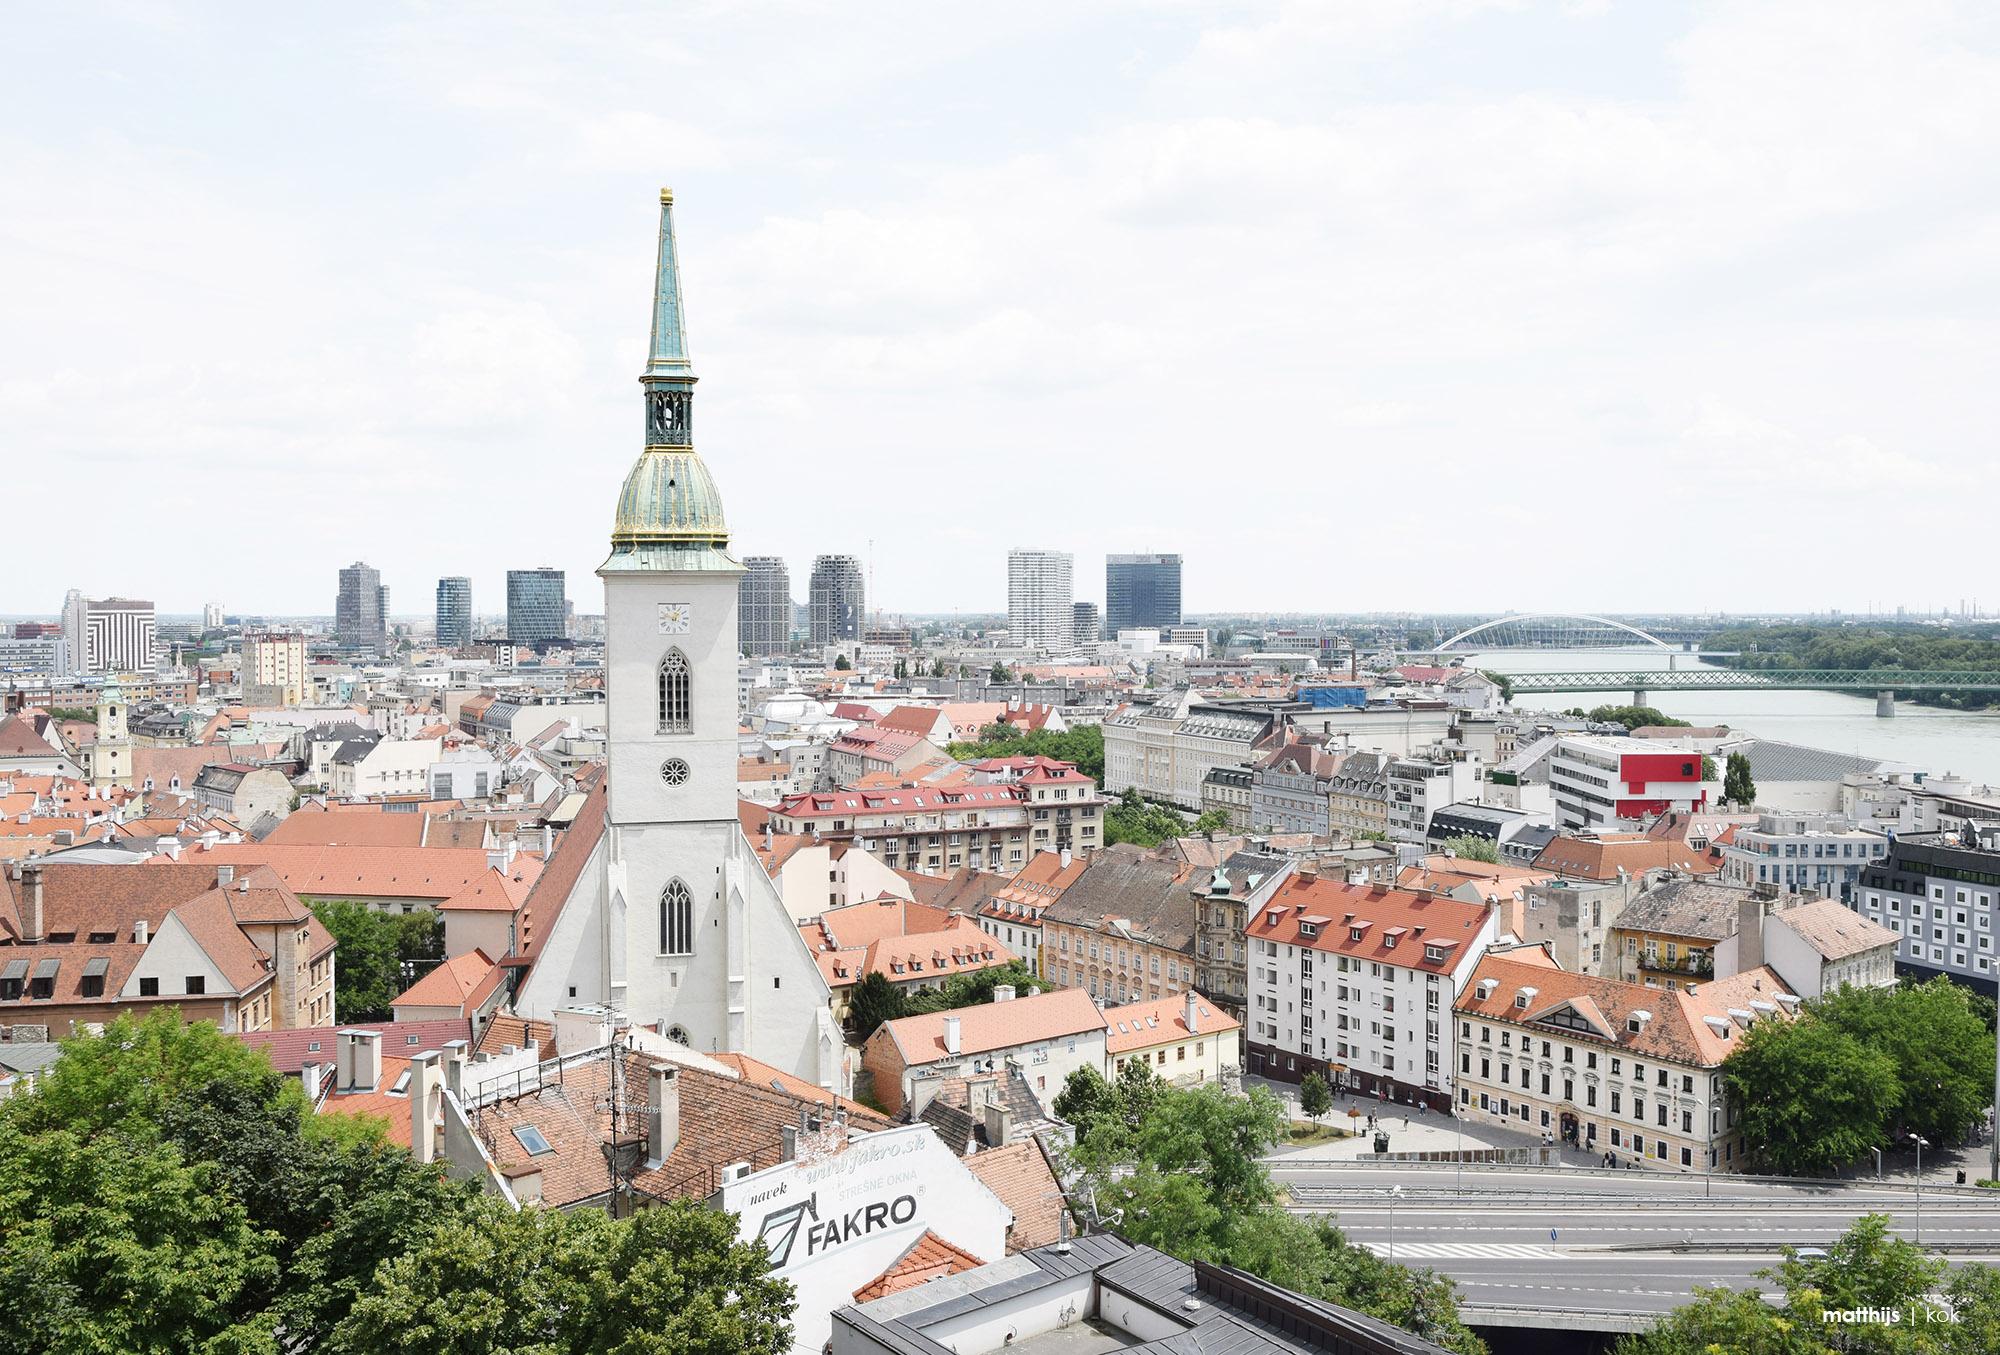 Bratislava Old Town, Slovakia | Photo by Matthijs Kok